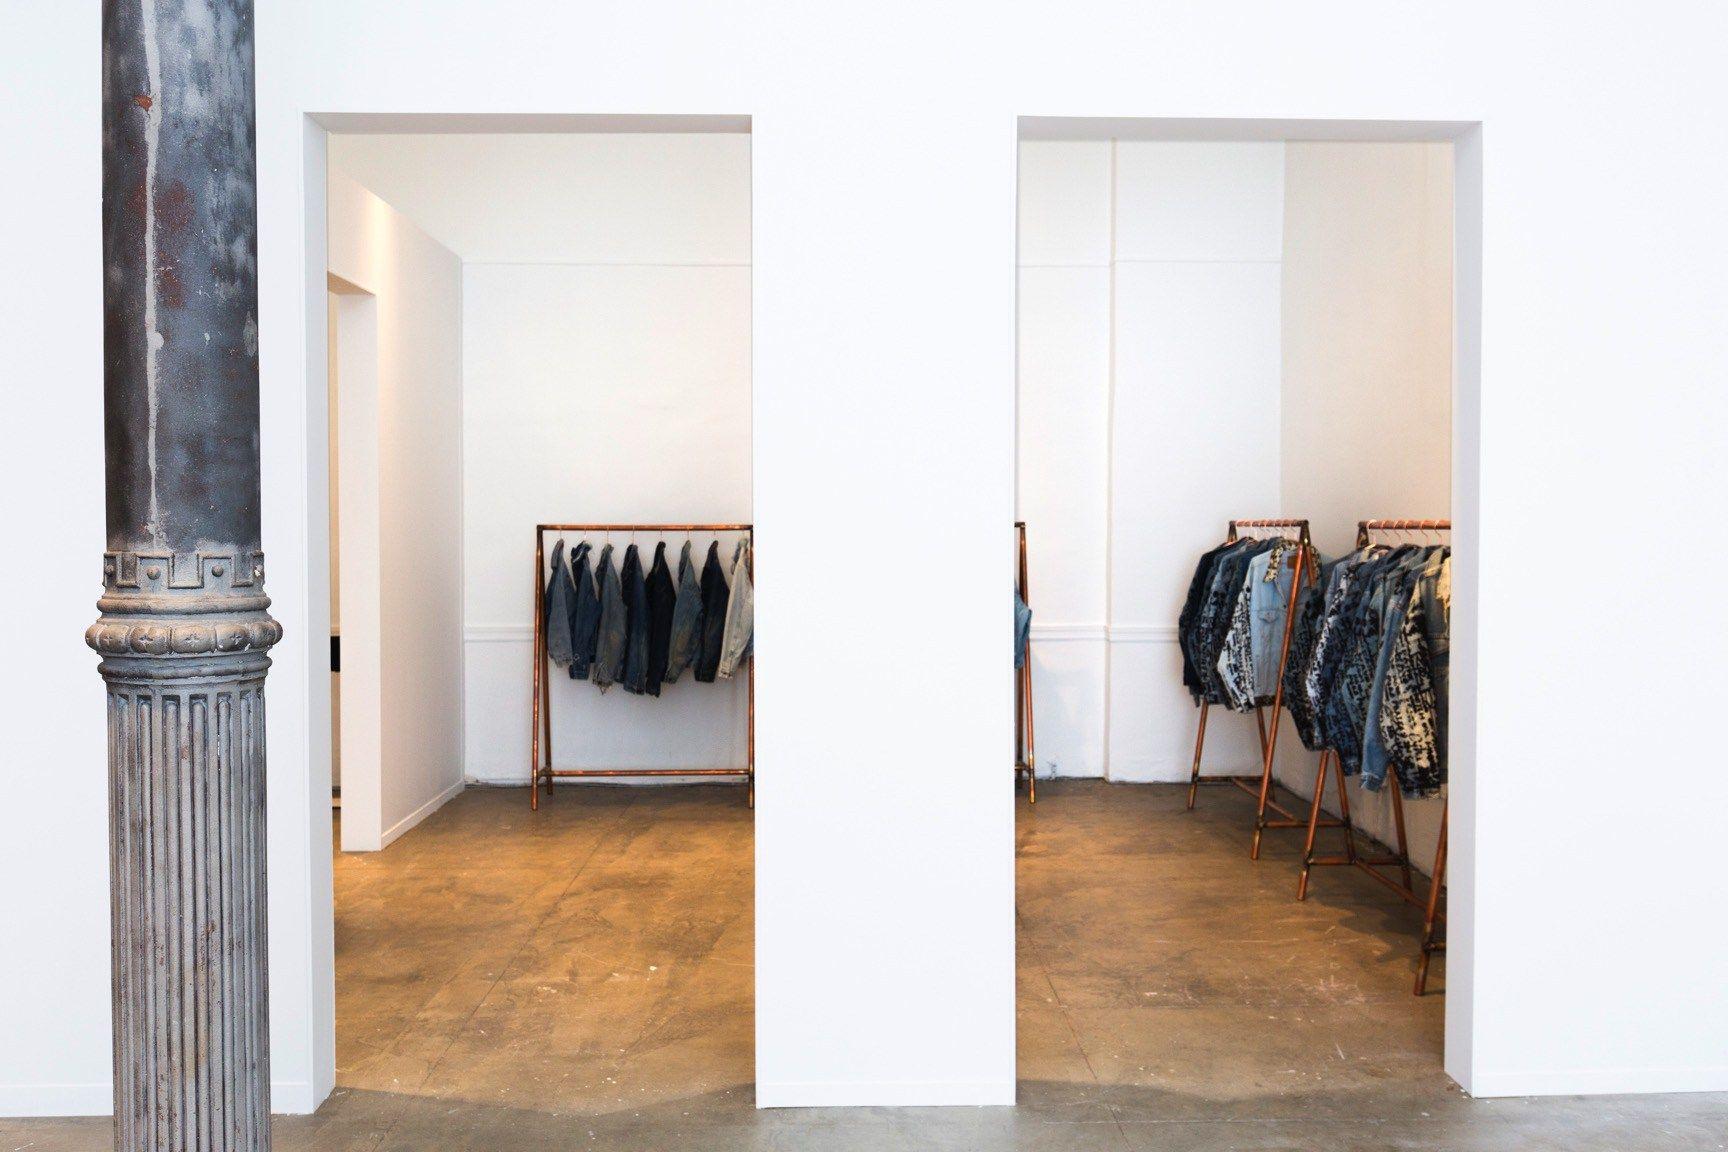 A Look Inside Kanye West S Pablo Pop Up Shop In Nyc Nyc Shopping Pop Up Shop Kanye West